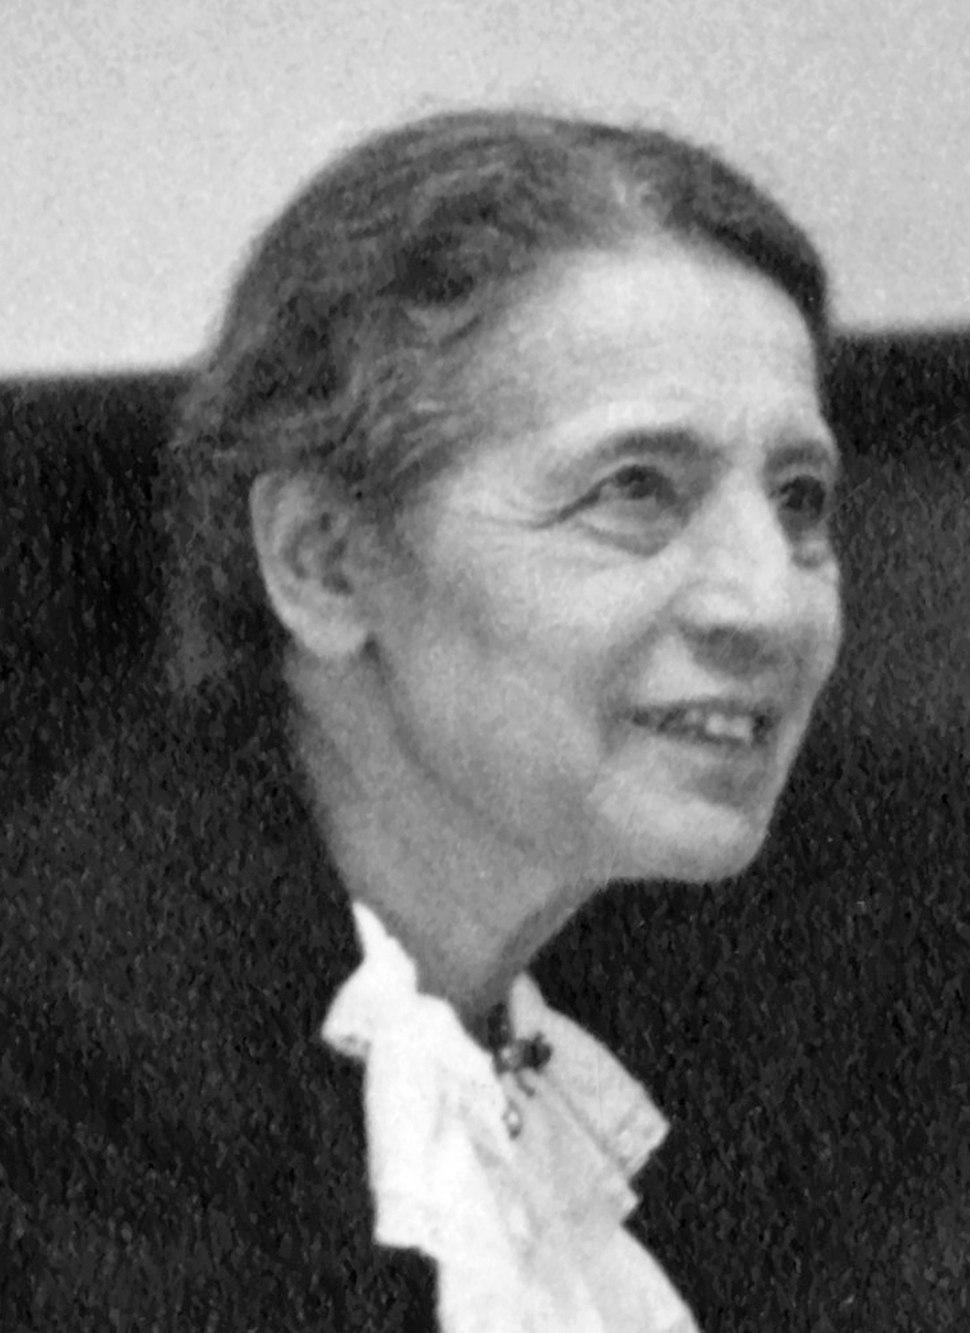 Lise Meitner (1878-1968), lecturing at Catholic University, Washington, D.C., 1946